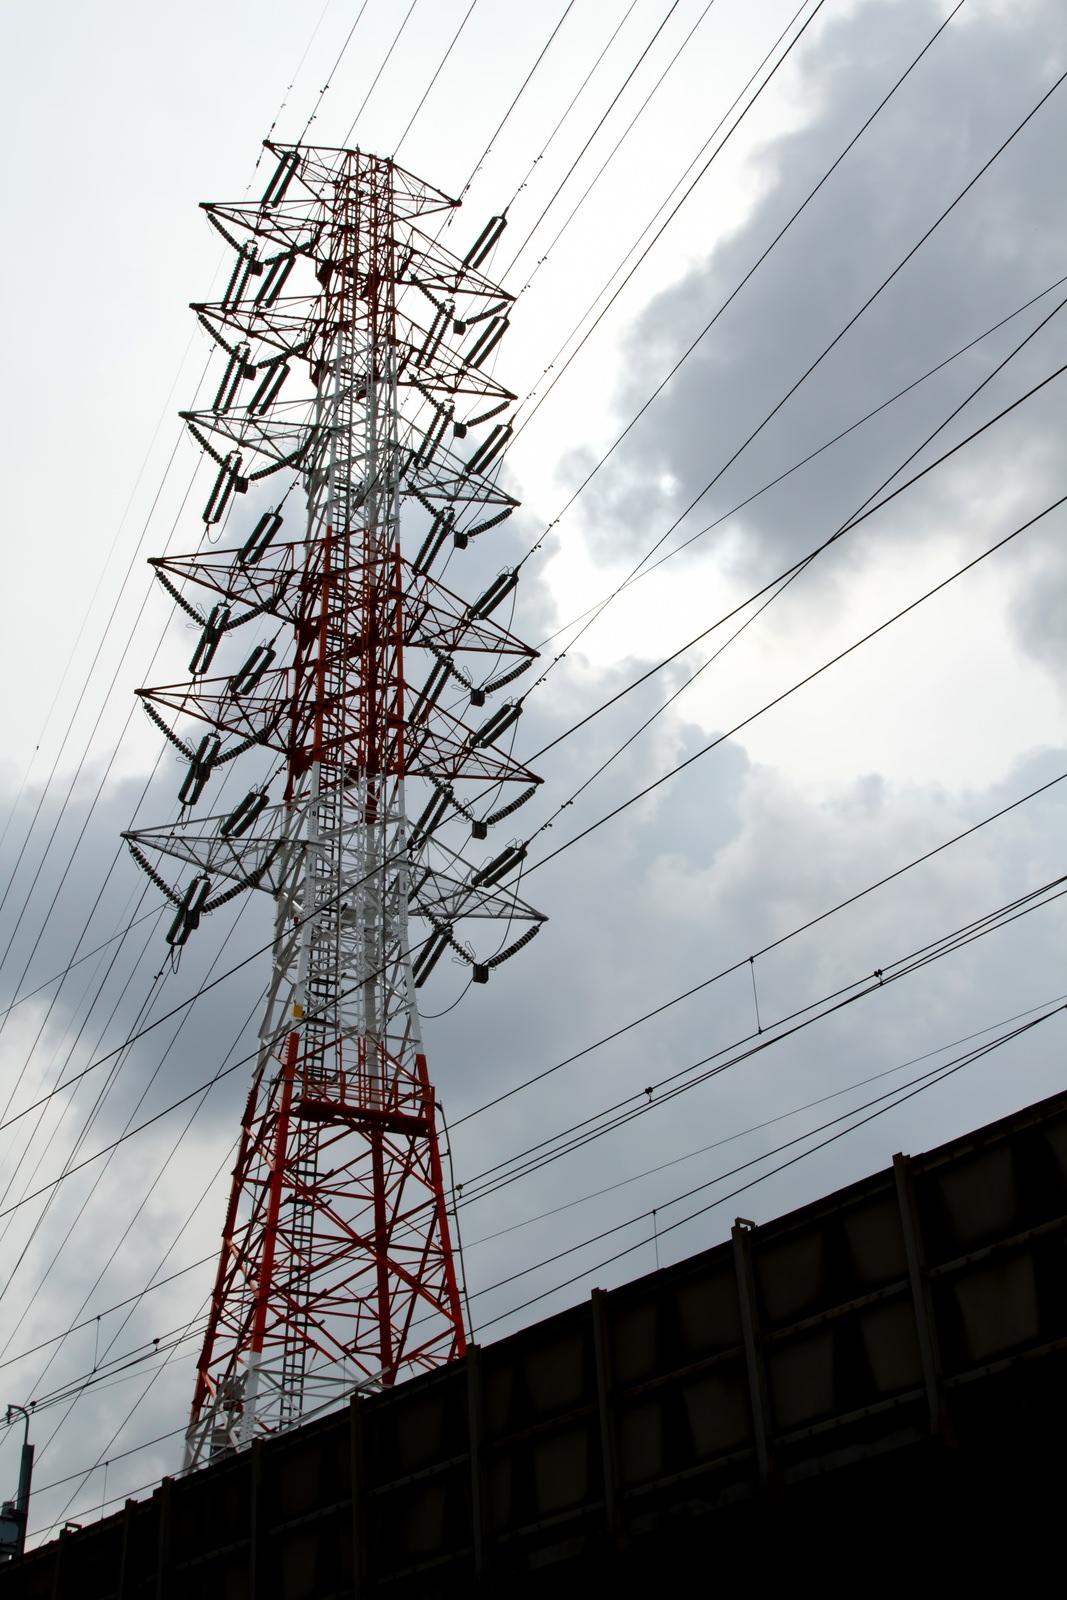 曇り空と送電線曇り空と送電線